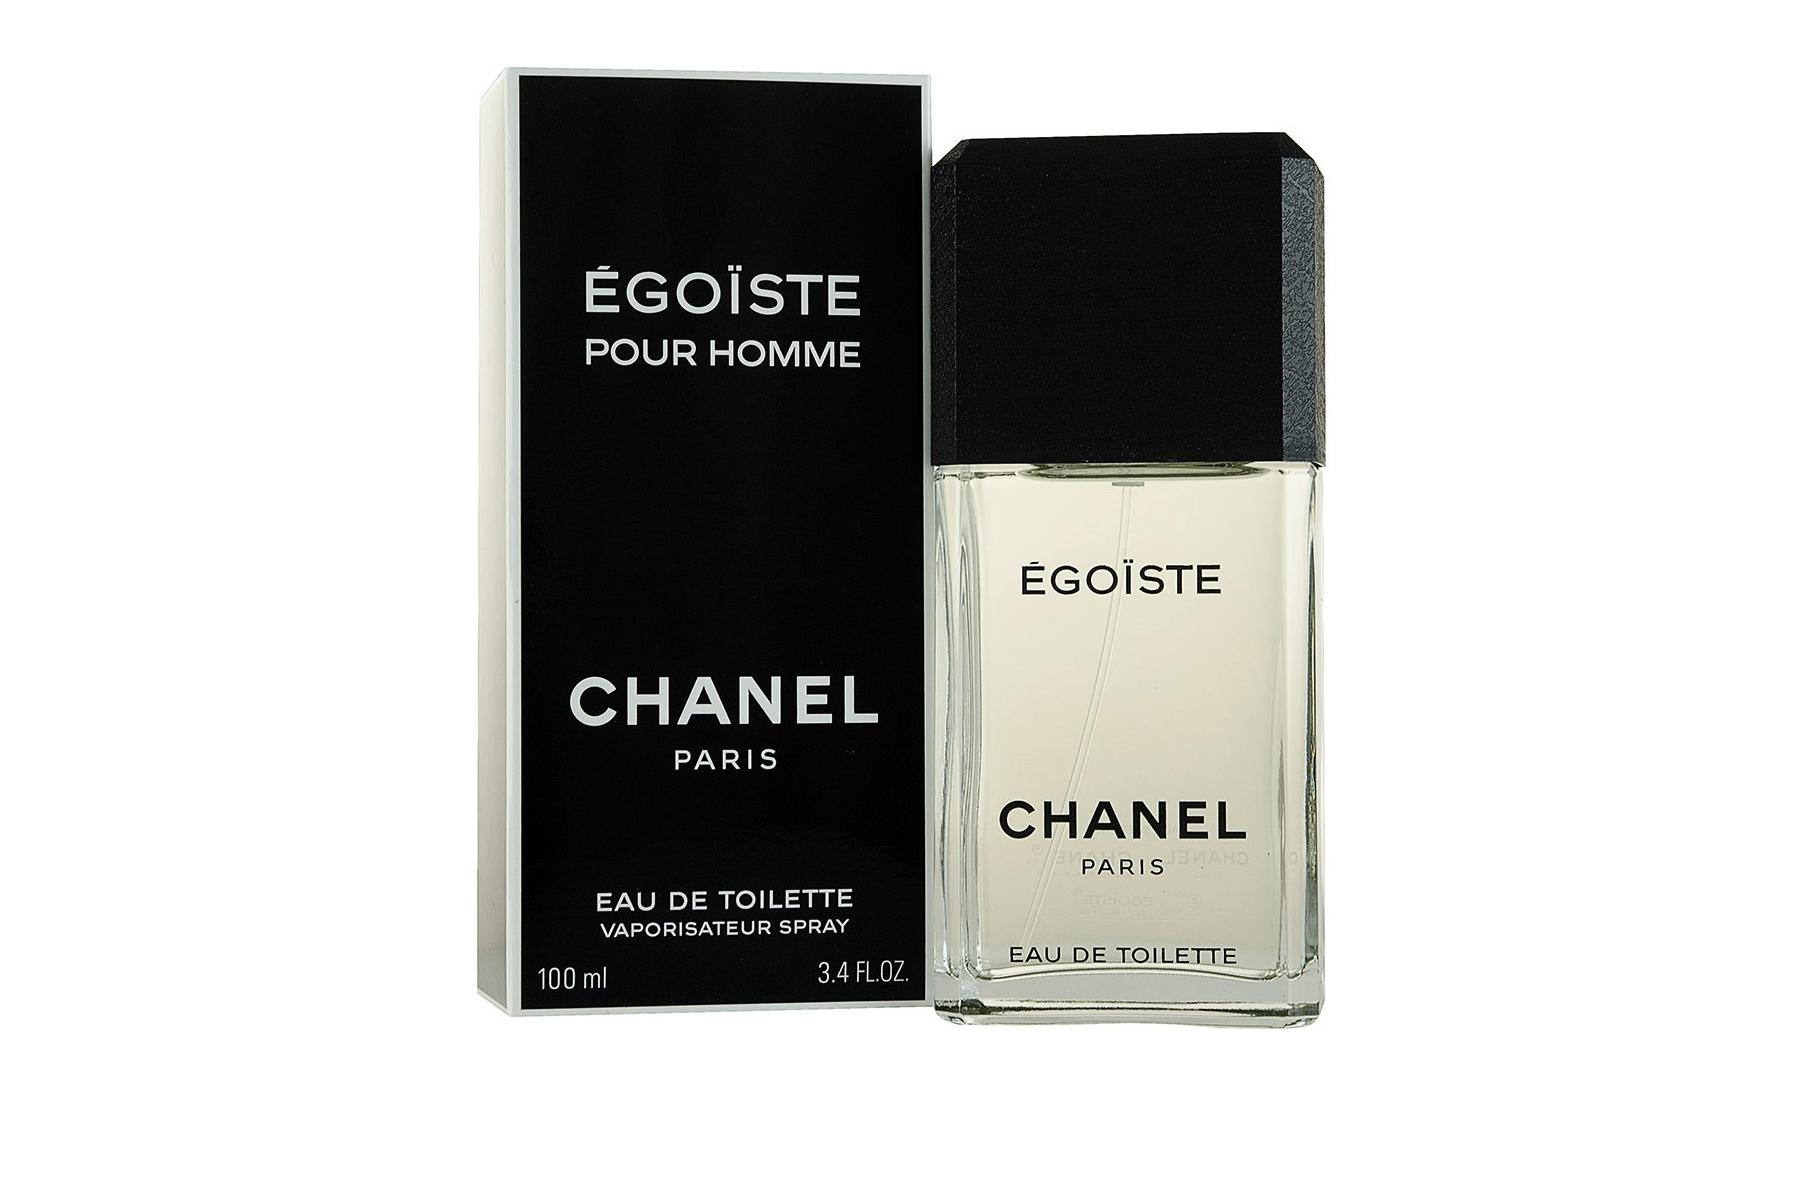 Chanel Egoiste-Аромат для решительного человека, постоянно находящегося в поиске лучшего для себя. Требовательный к себе и другим, он ведет жизнь, полную страсти и огня, и культивирует в себе чувство прекрасного.